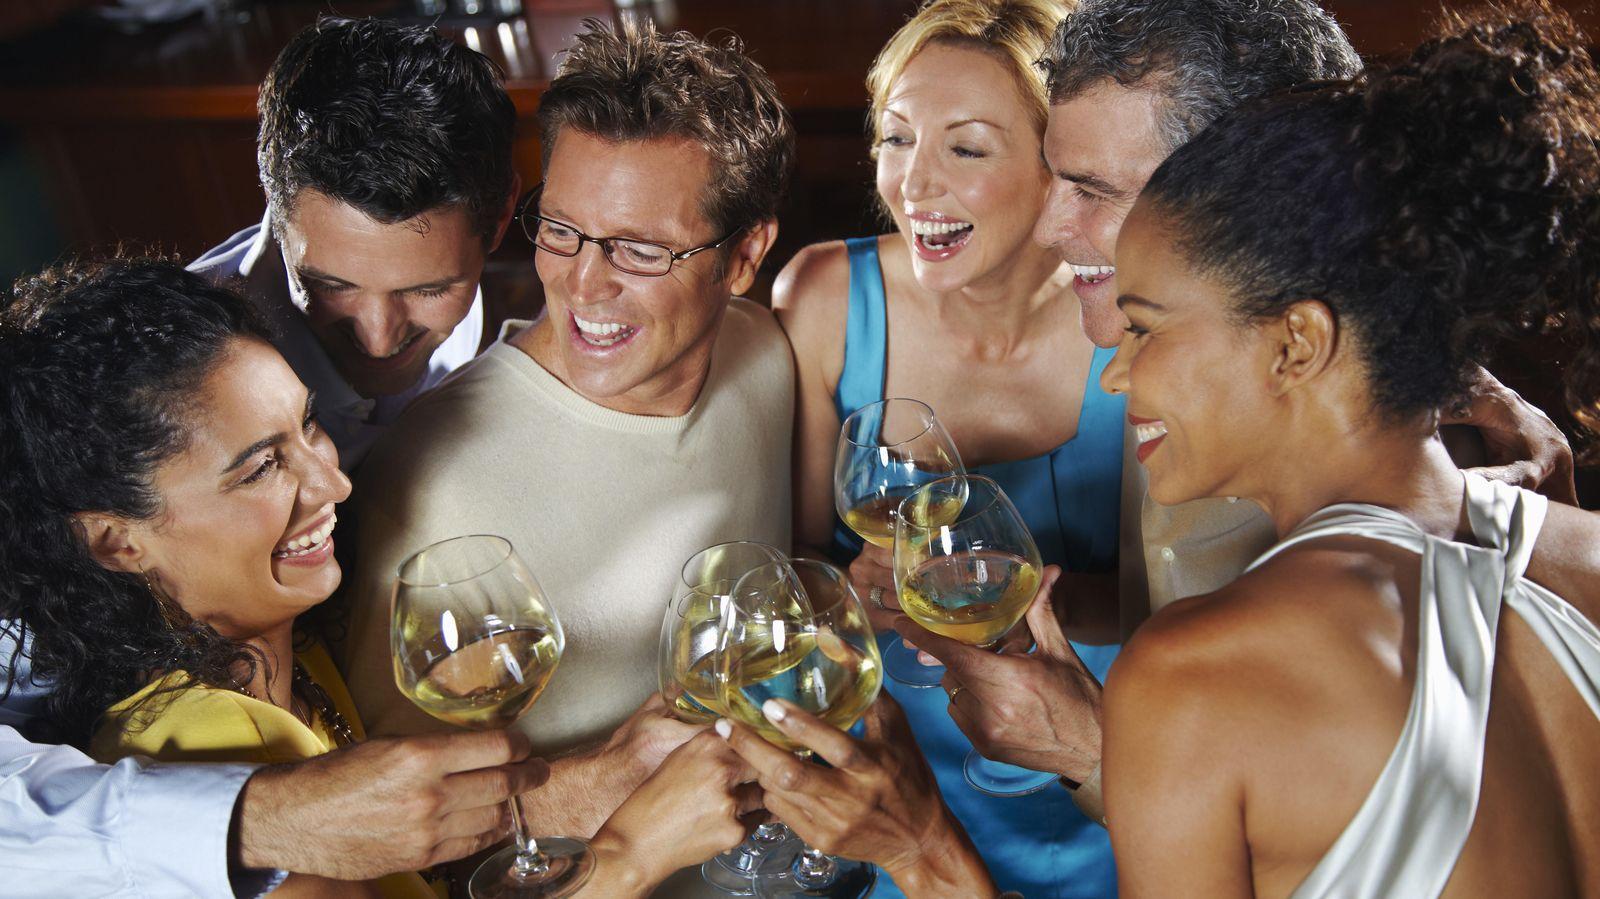 Foto: Al llegar a los cuarenta dedicamos menos tiempo a la vida social. (Corbis)